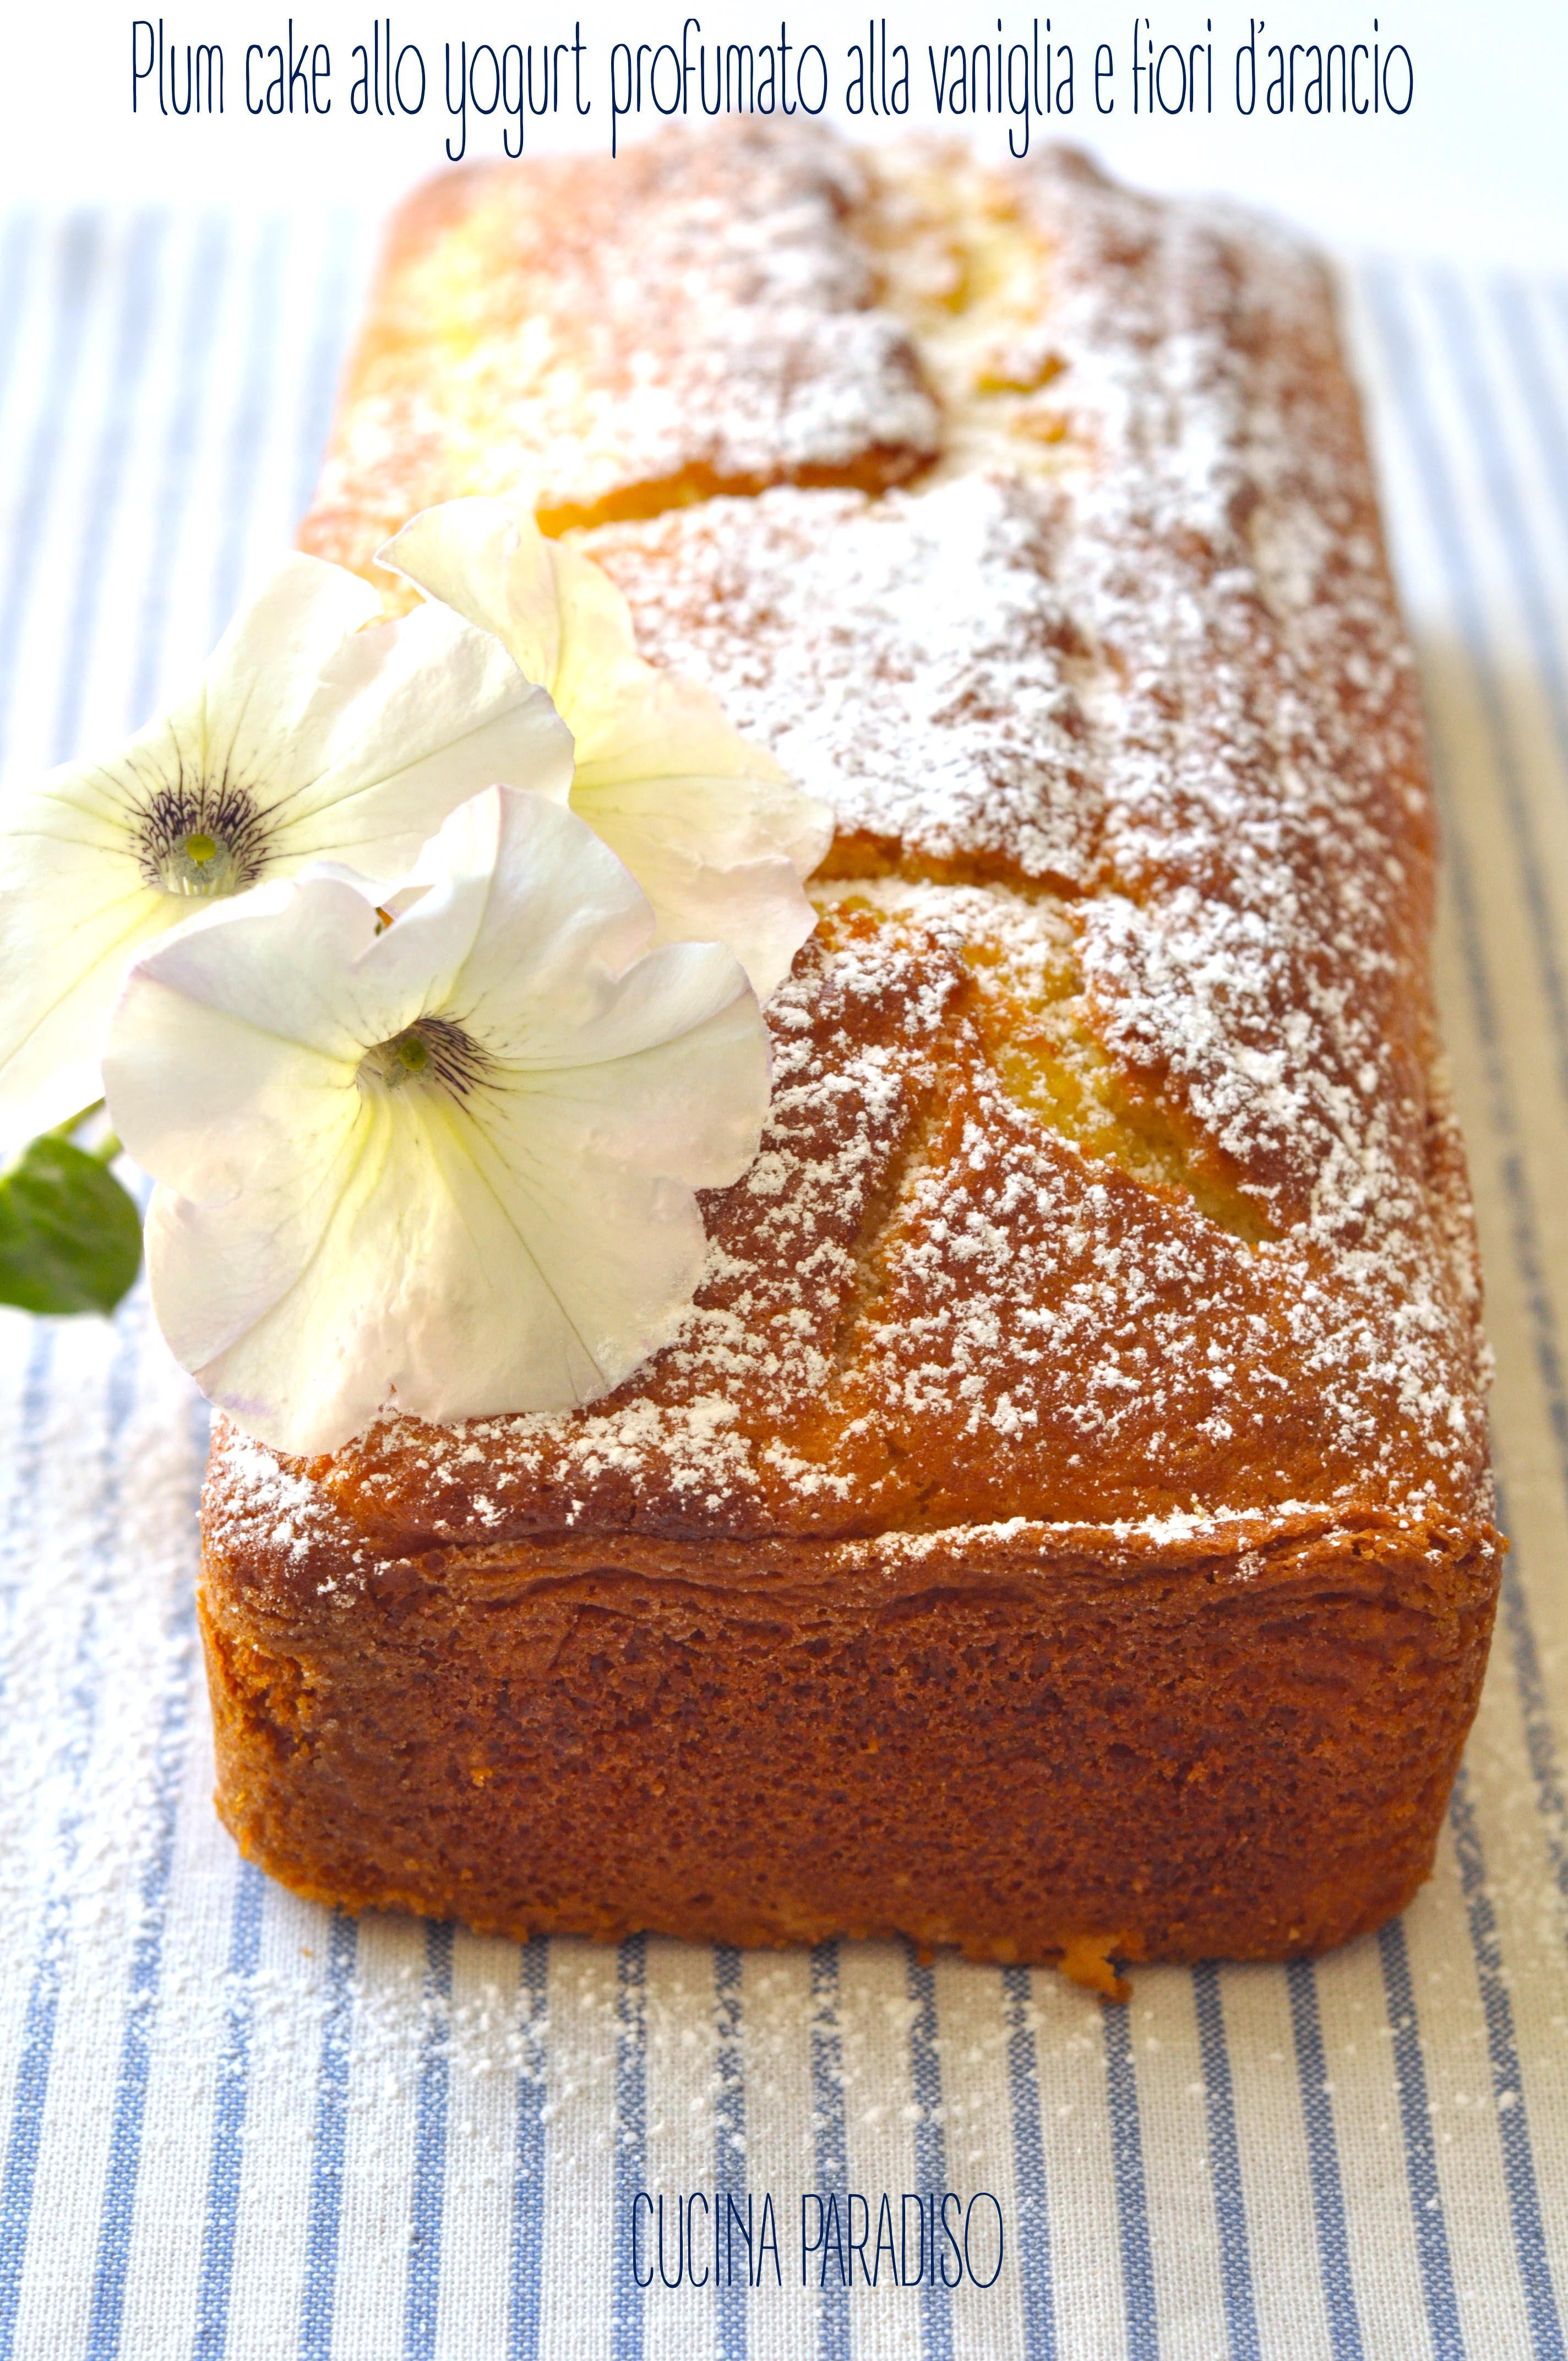 Plum cake allo yogurt profumato alla vaniglia e fiori d'arancio2